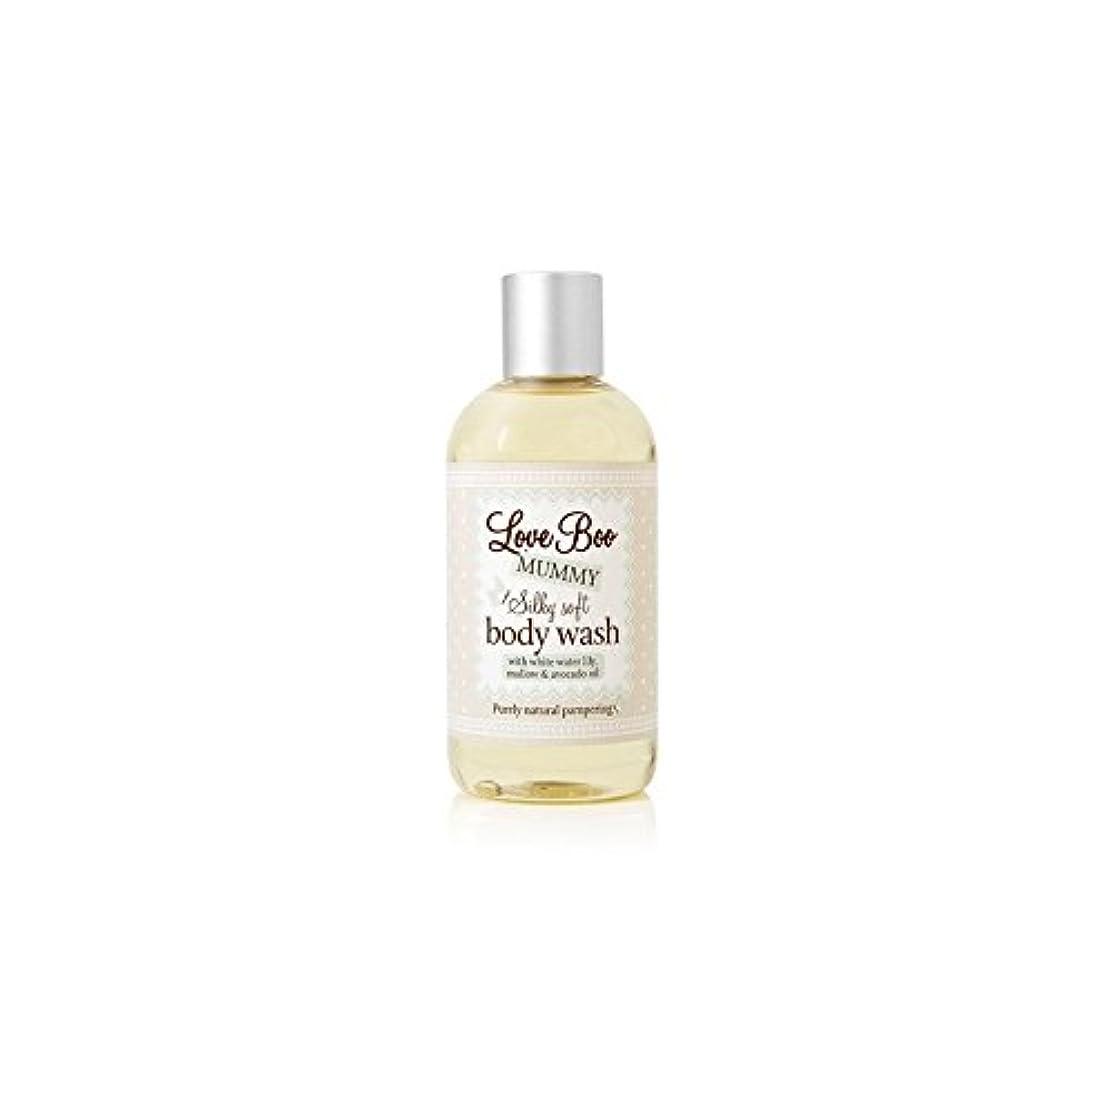 熱心ハードウェア地平線Love Boo Silky Soft Body Wash (250ml) - 絹のようなソフトボディウォッシュ(250ミリリットル)愛 [並行輸入品]